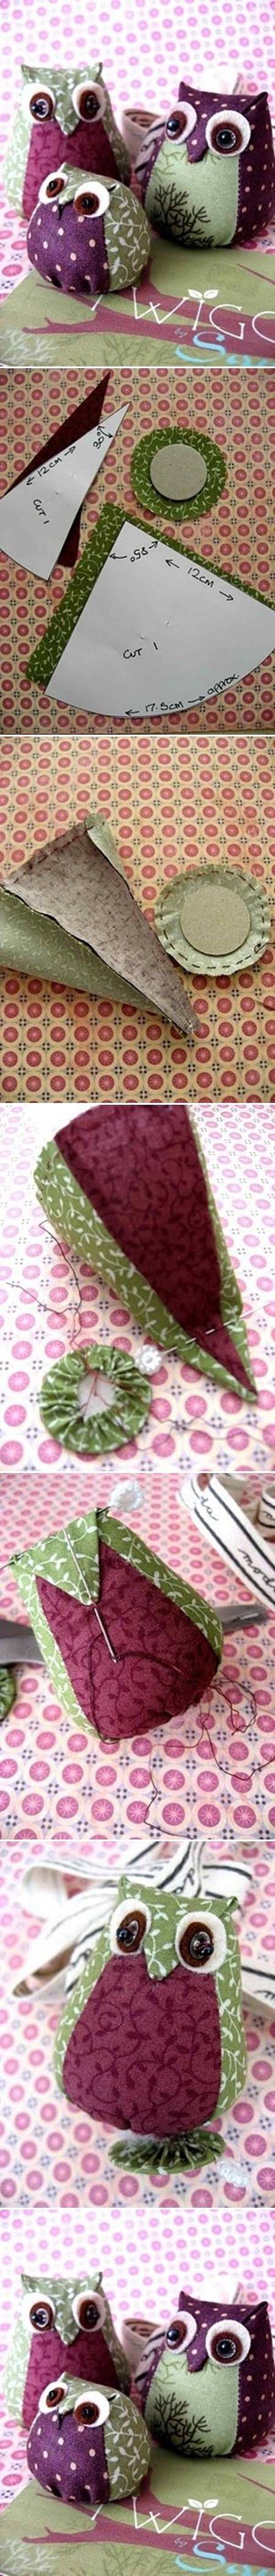 DIY_Easy_Fabric_Owl